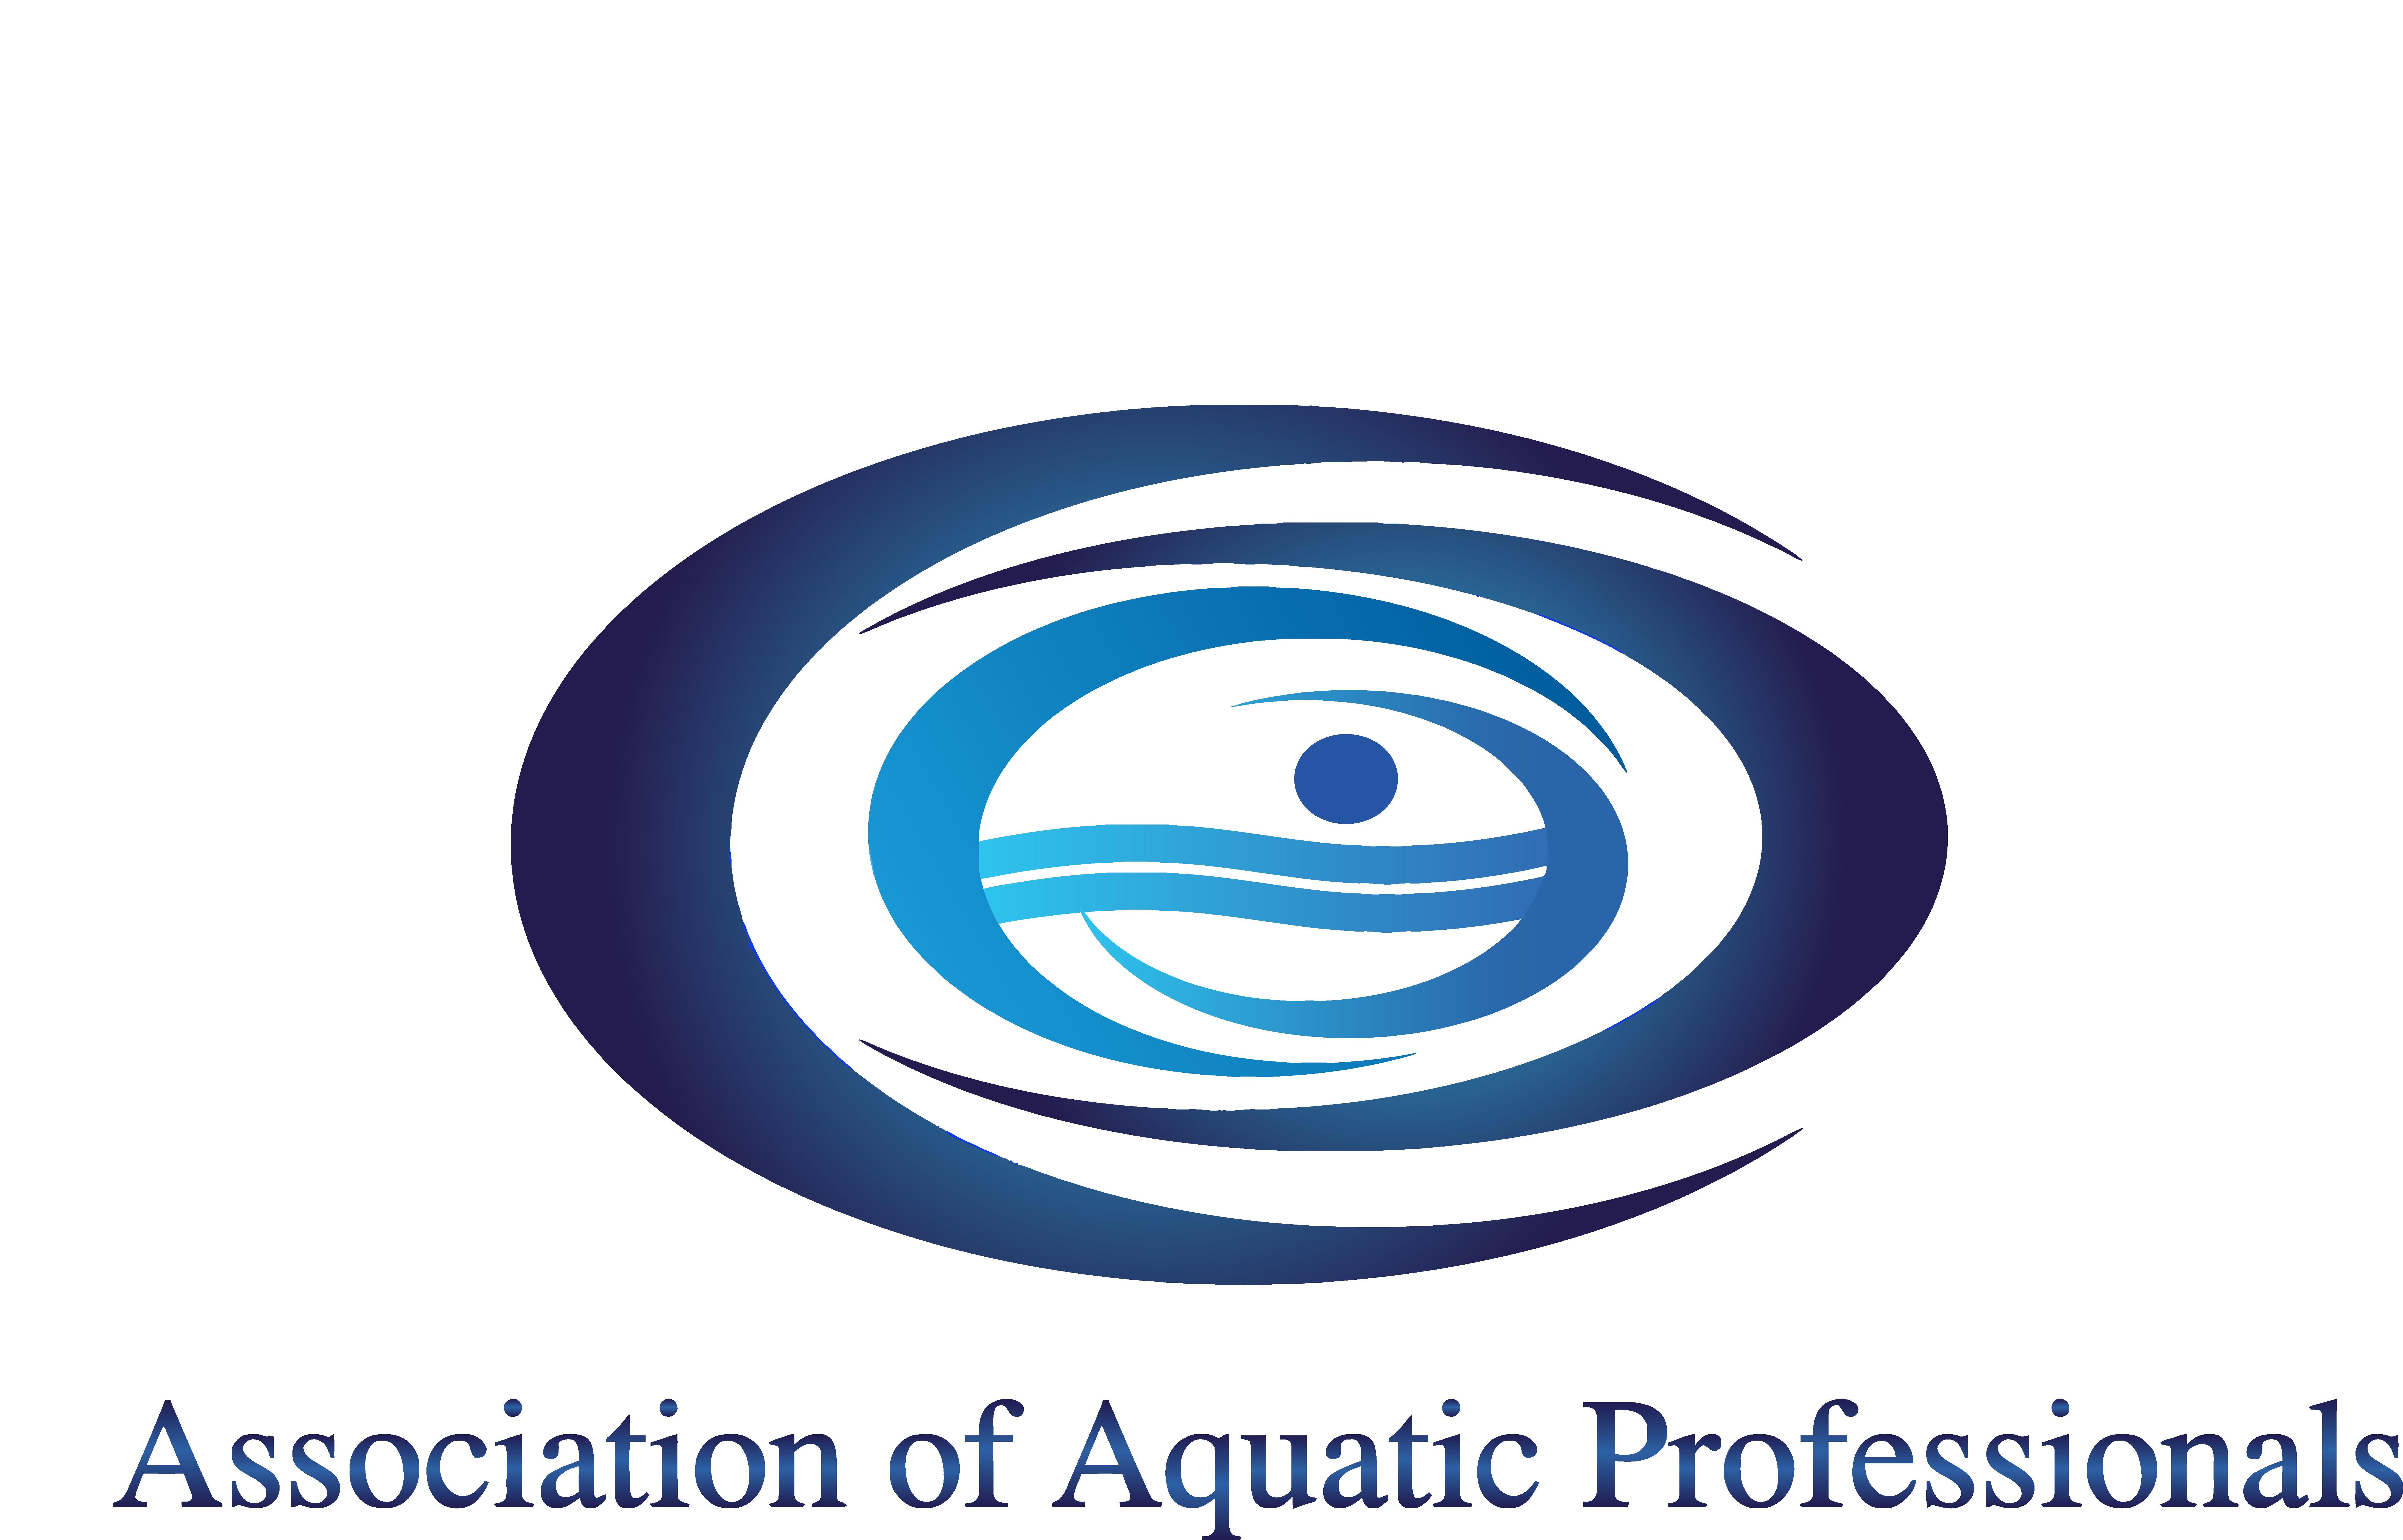 association of aquatic professionals